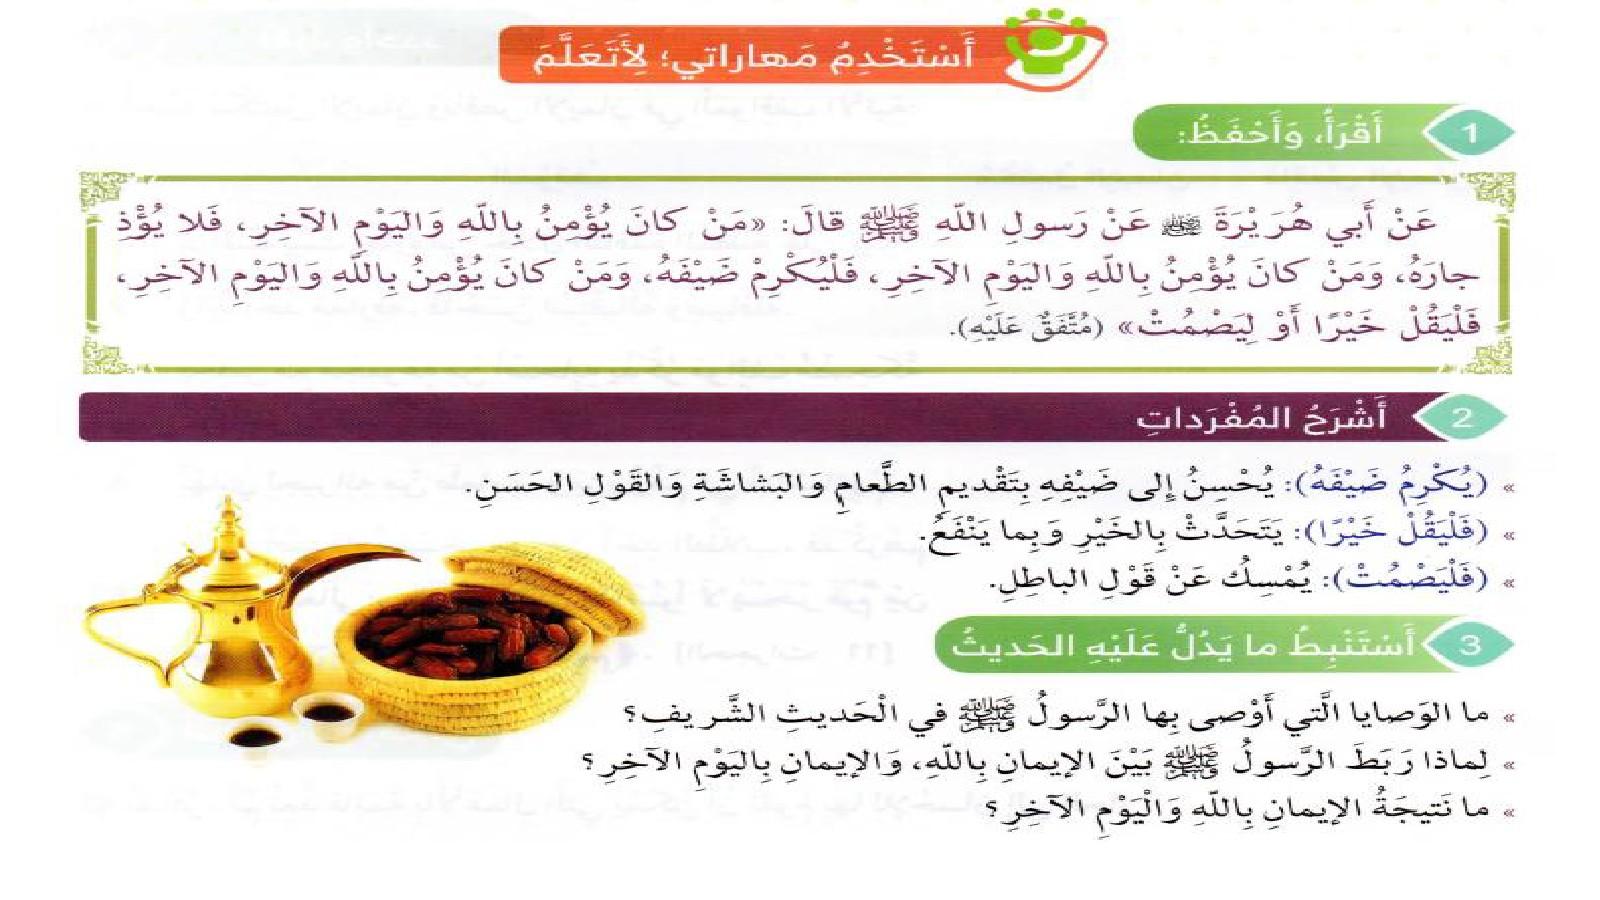 حلول الدرس الثالث في مادة التربية الاسلامية للصف الرابع